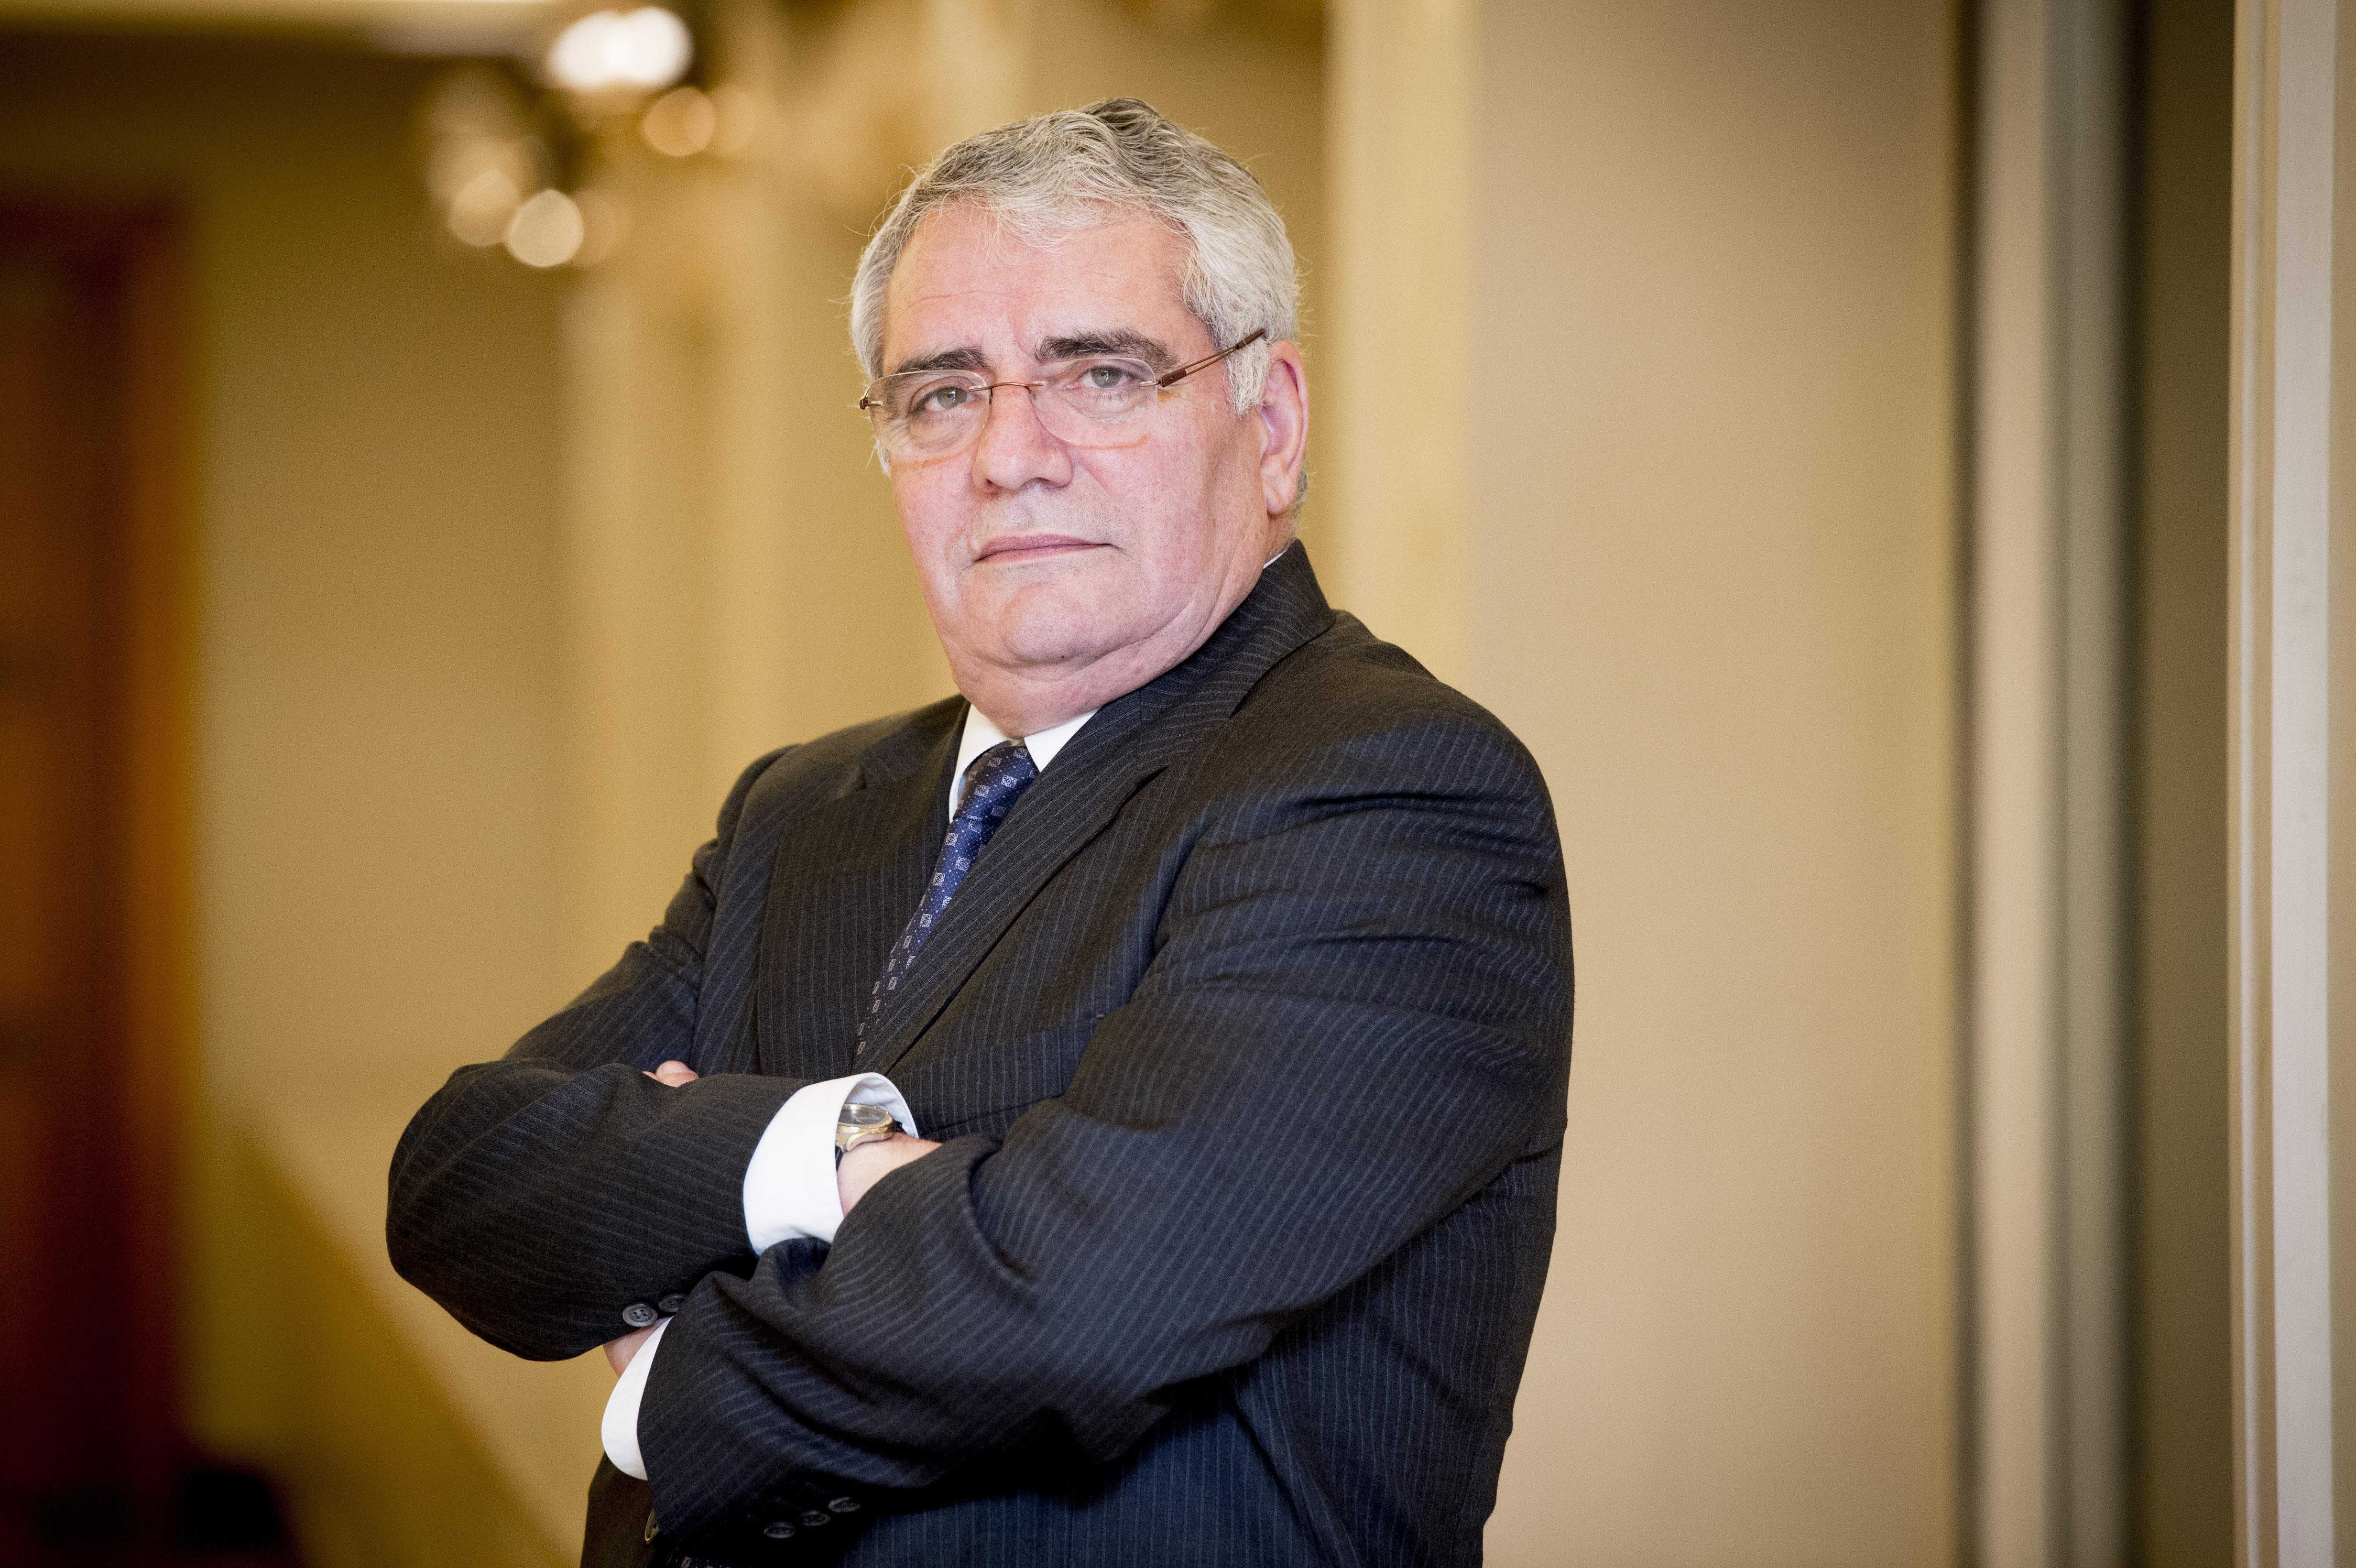 Fallece el presidente del Colegio de Enfermería de A Coruña y del Consello Galego de Enfermería